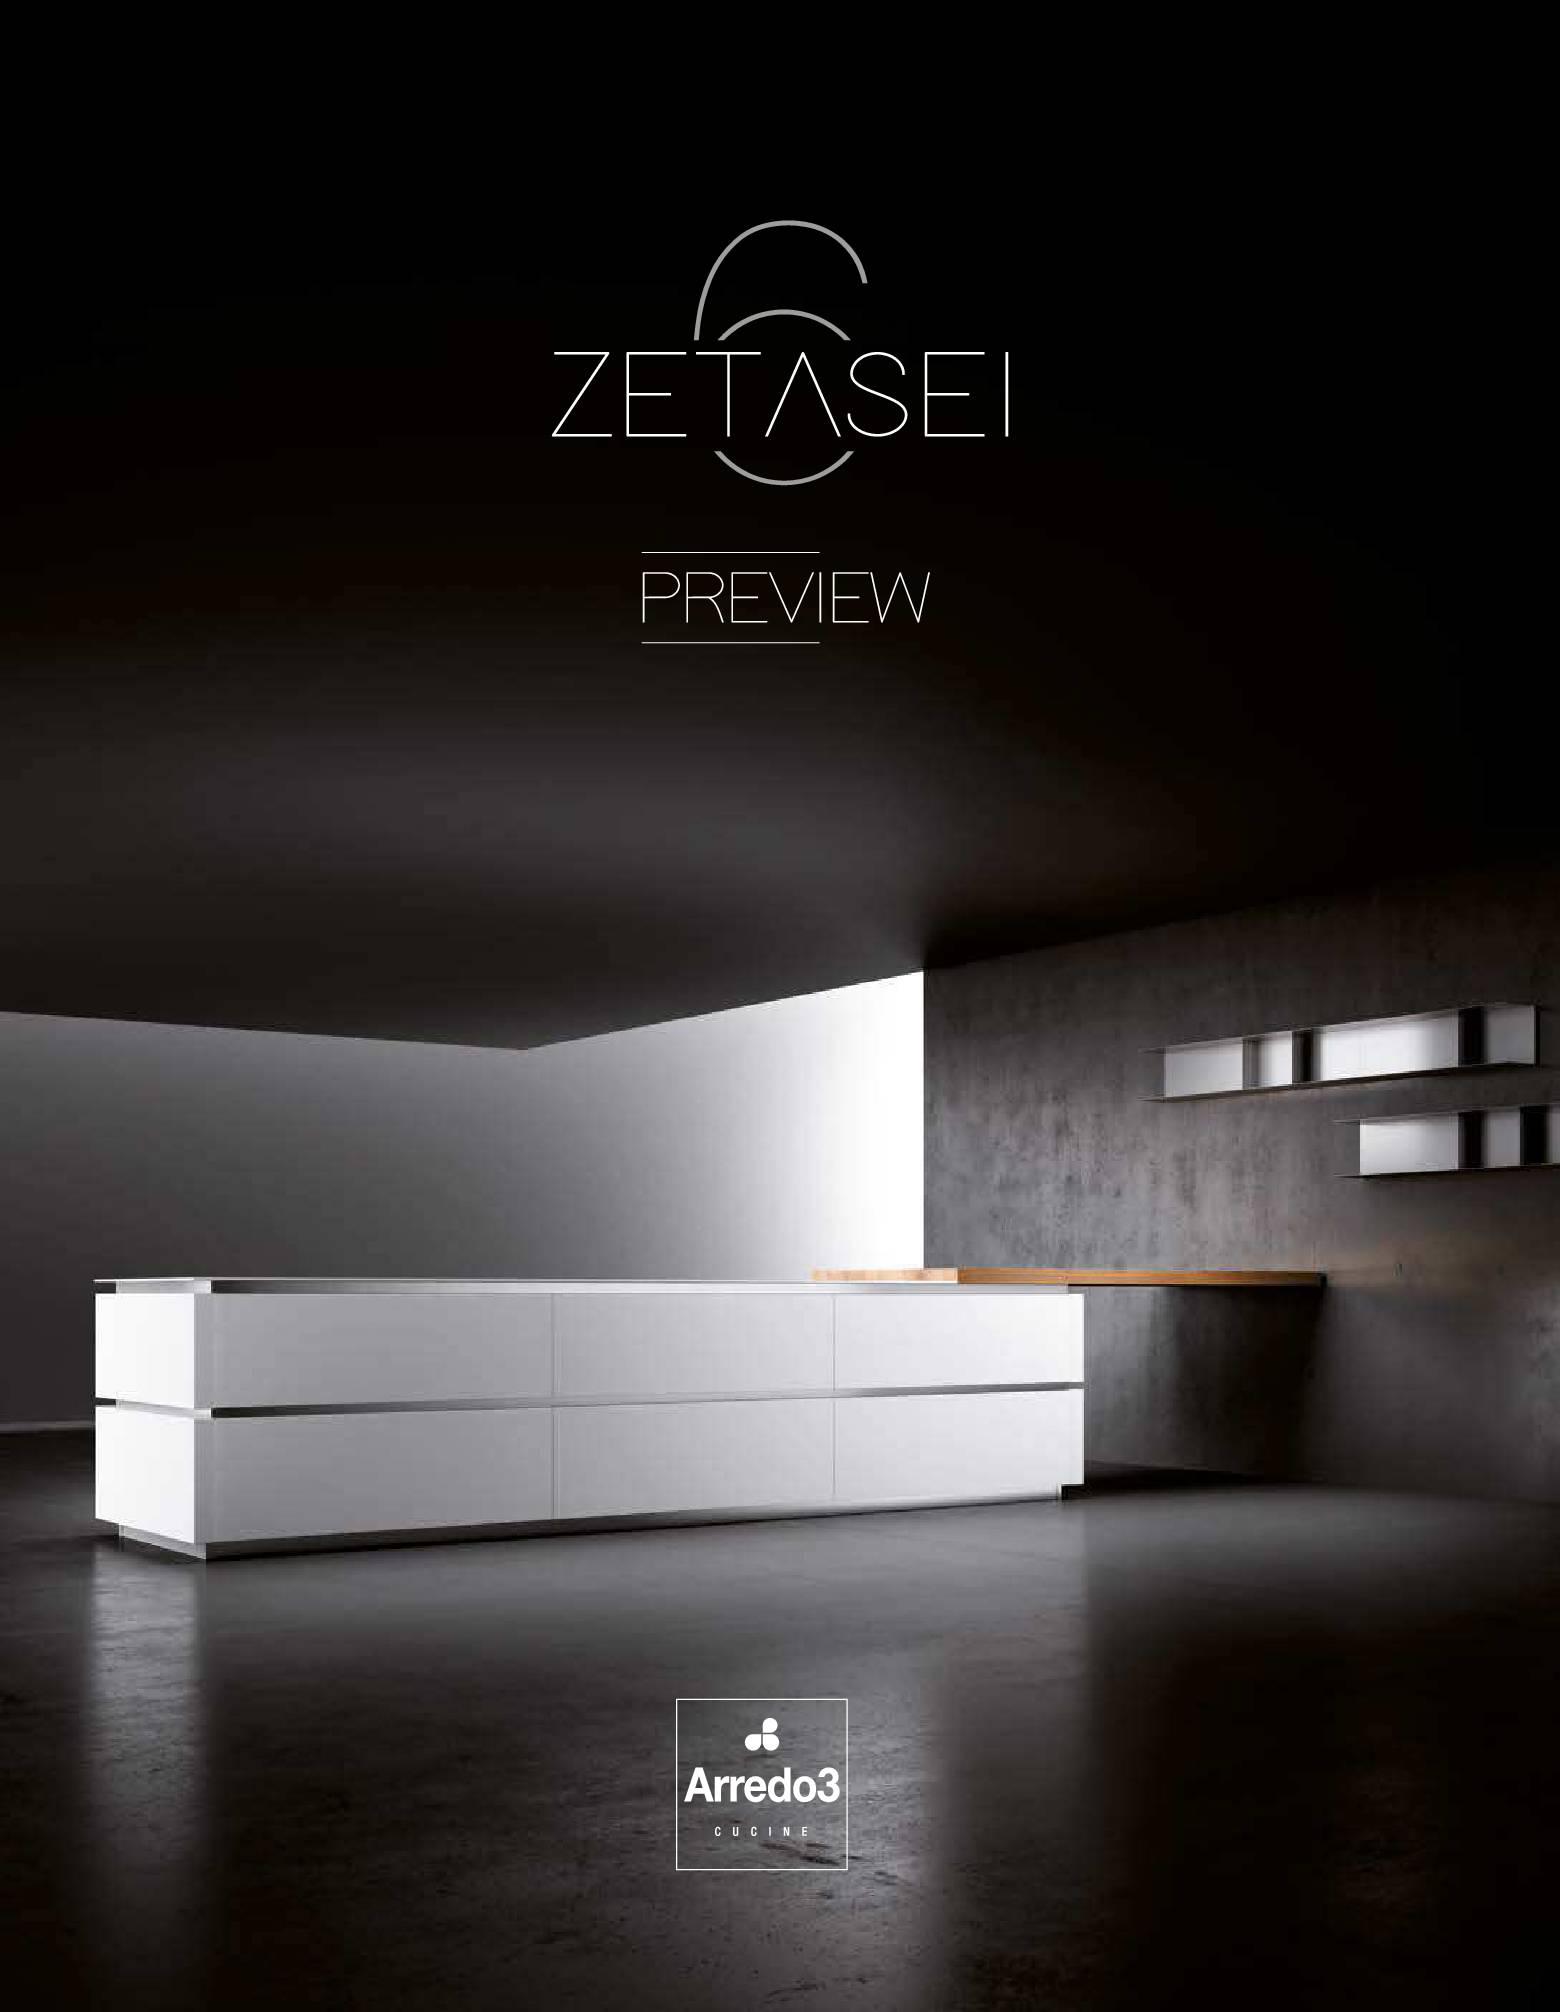 Cucina Zetasei Arredo3 - catalogo sfogliabile interattivo